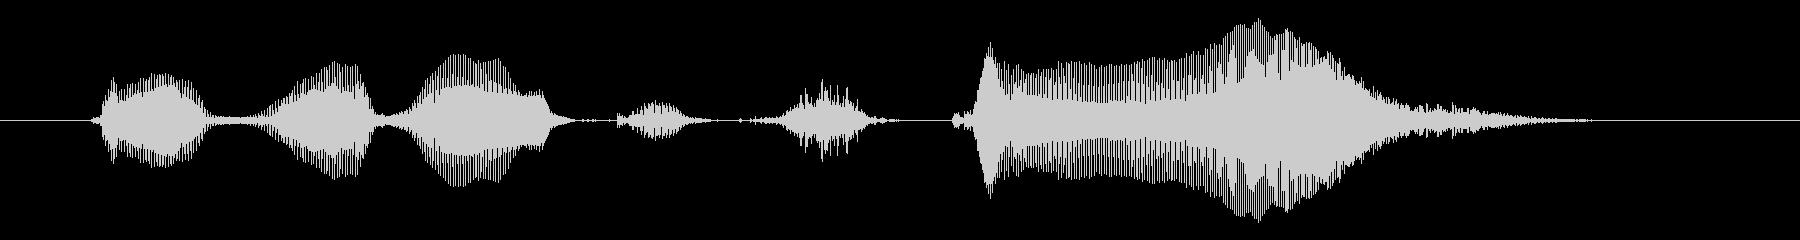 【ラジオ・パーソナリティ・ED】食べな…の未再生の波形